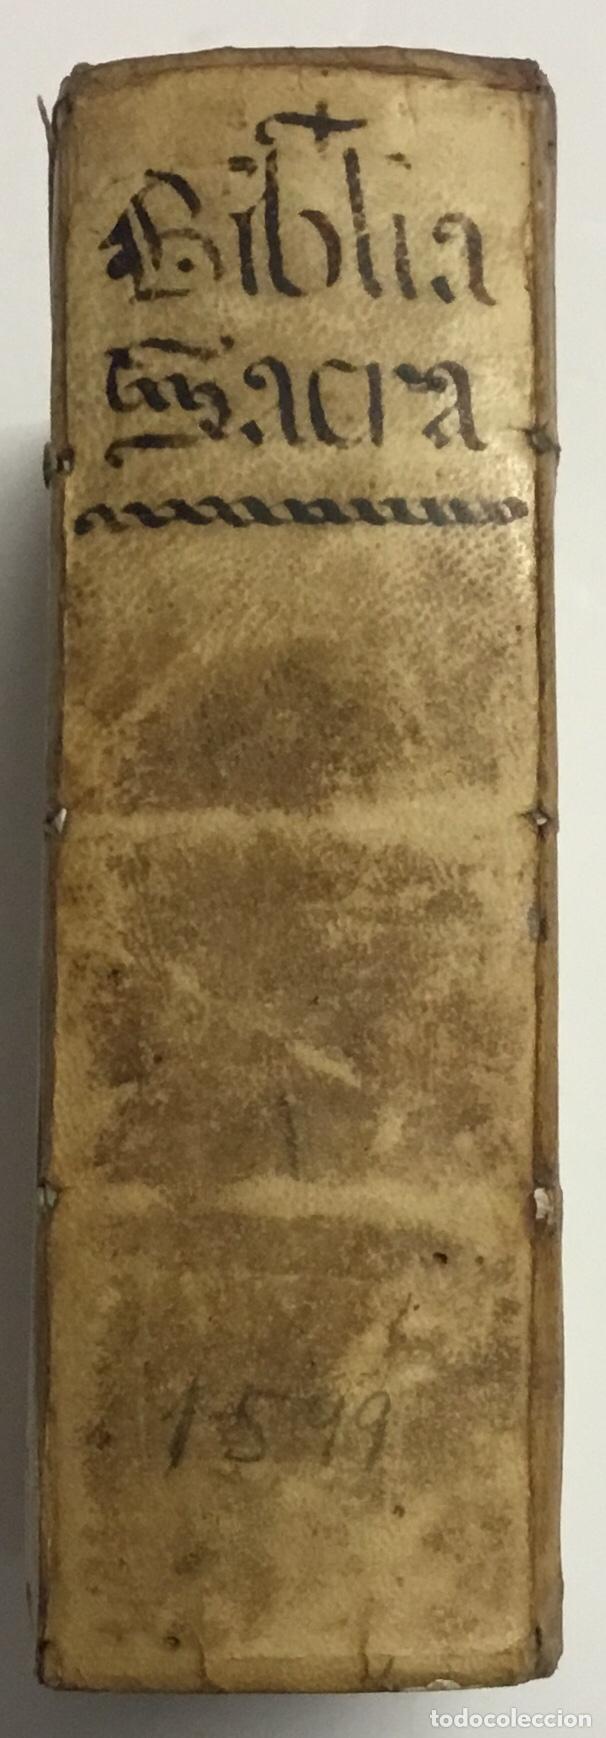 BIBLIA, AD VETUSTISSIMA EXEMPLARIA NUNC RECENS CASTIGATA. VENECIA, 1599. CON GRABADOS EN EL TEXTO. (Libros Antiguos, Raros y Curiosos - Religión)